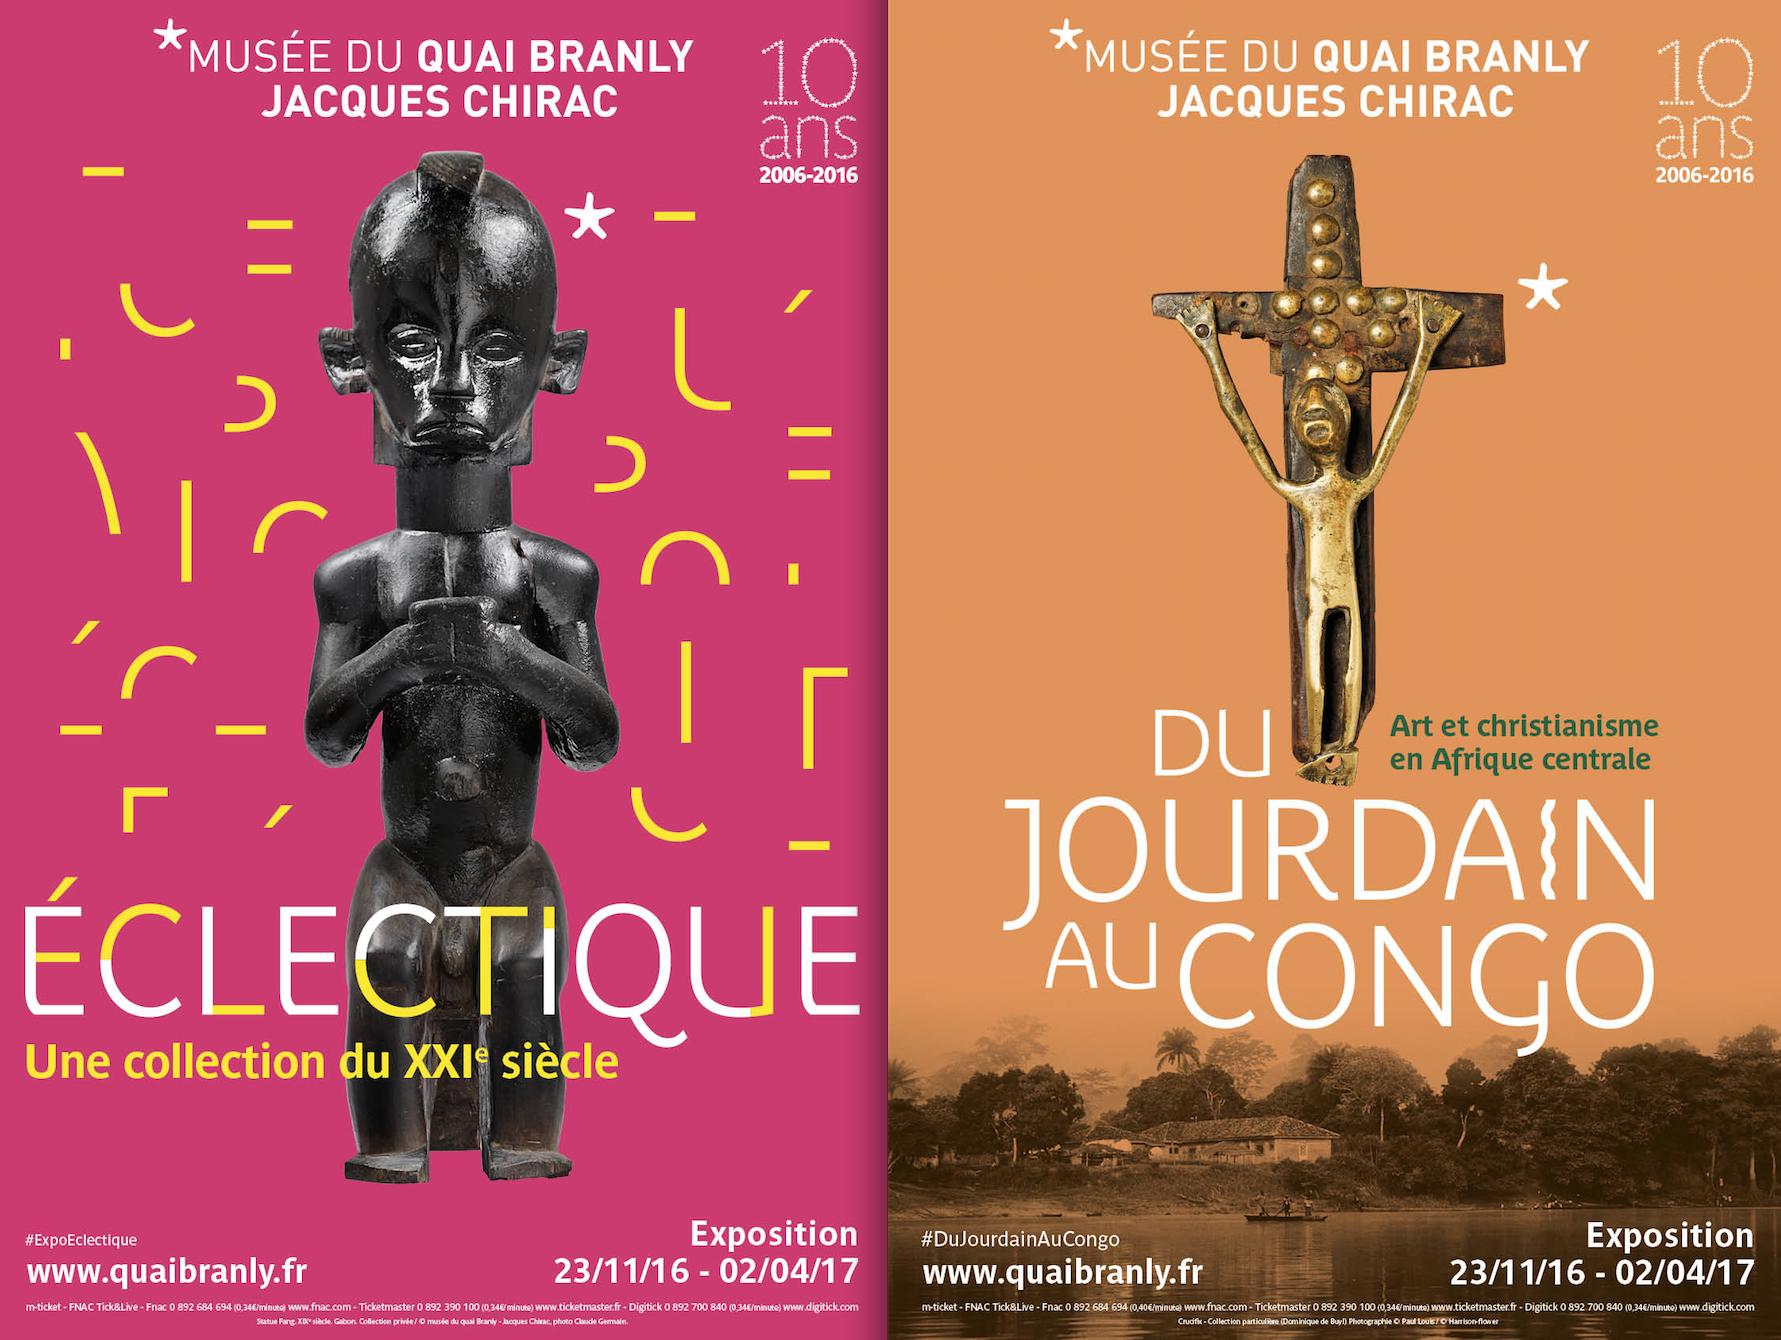 musee-du-quai-branly-jacques-chirac-picasso-primitif-eclectic-jordan-river-volper-lacharriere